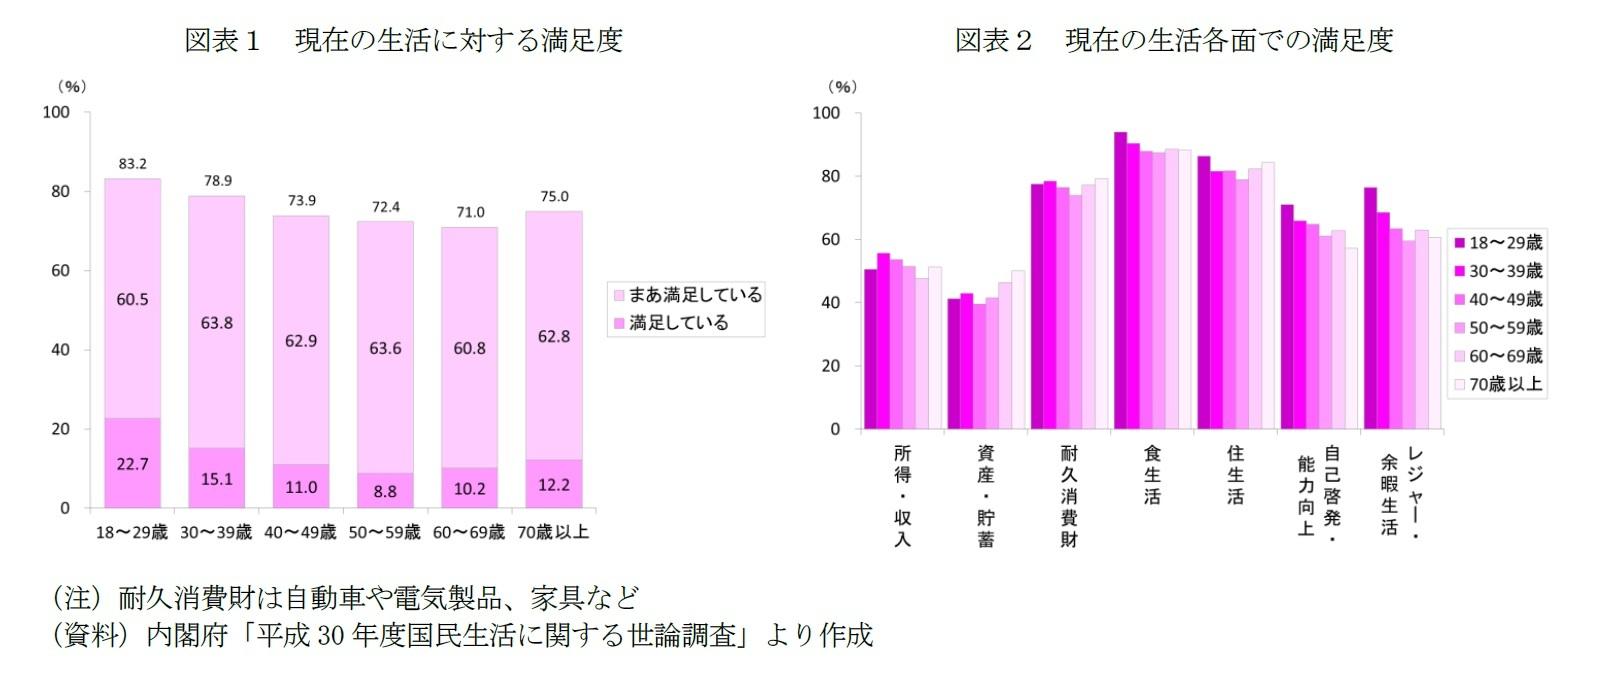 図表1 現在の生活に対する満足度/図表2 現在の生活各面での満足度